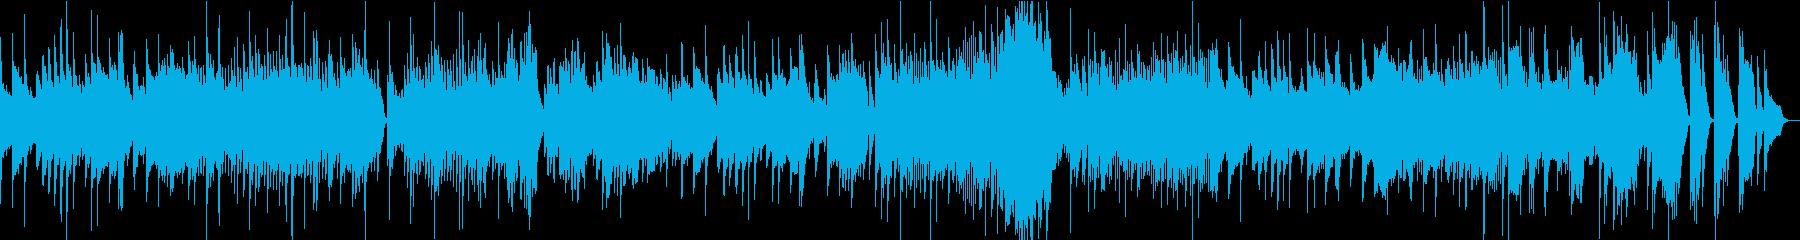 悲愴 第2楽章/ベートーベン・アコギの再生済みの波形